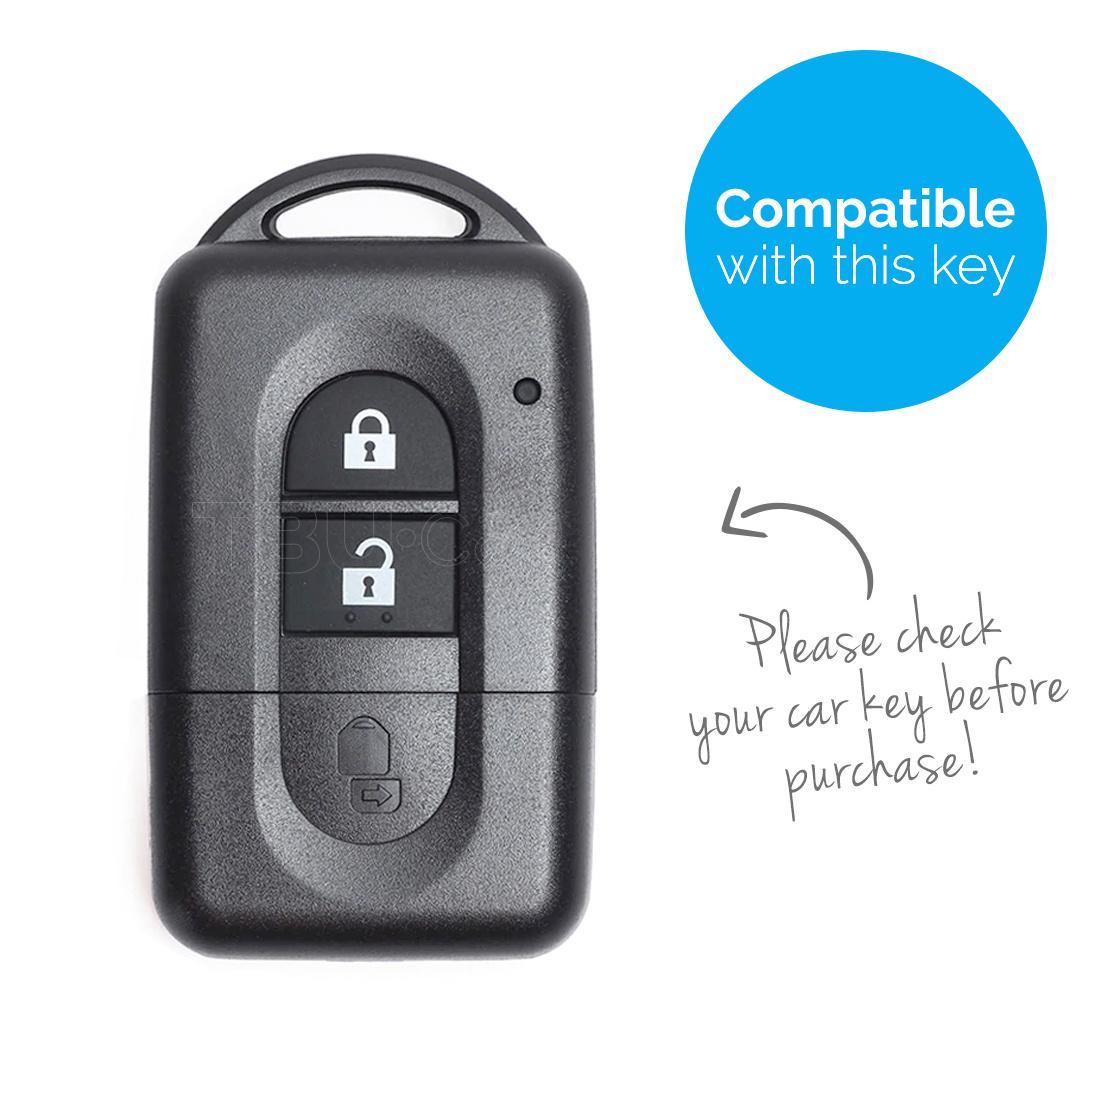 TBU car TBU car Sleutel cover compatibel met Nissan - Silicone sleutelhoesje - beschermhoesje autosleutel - Roze